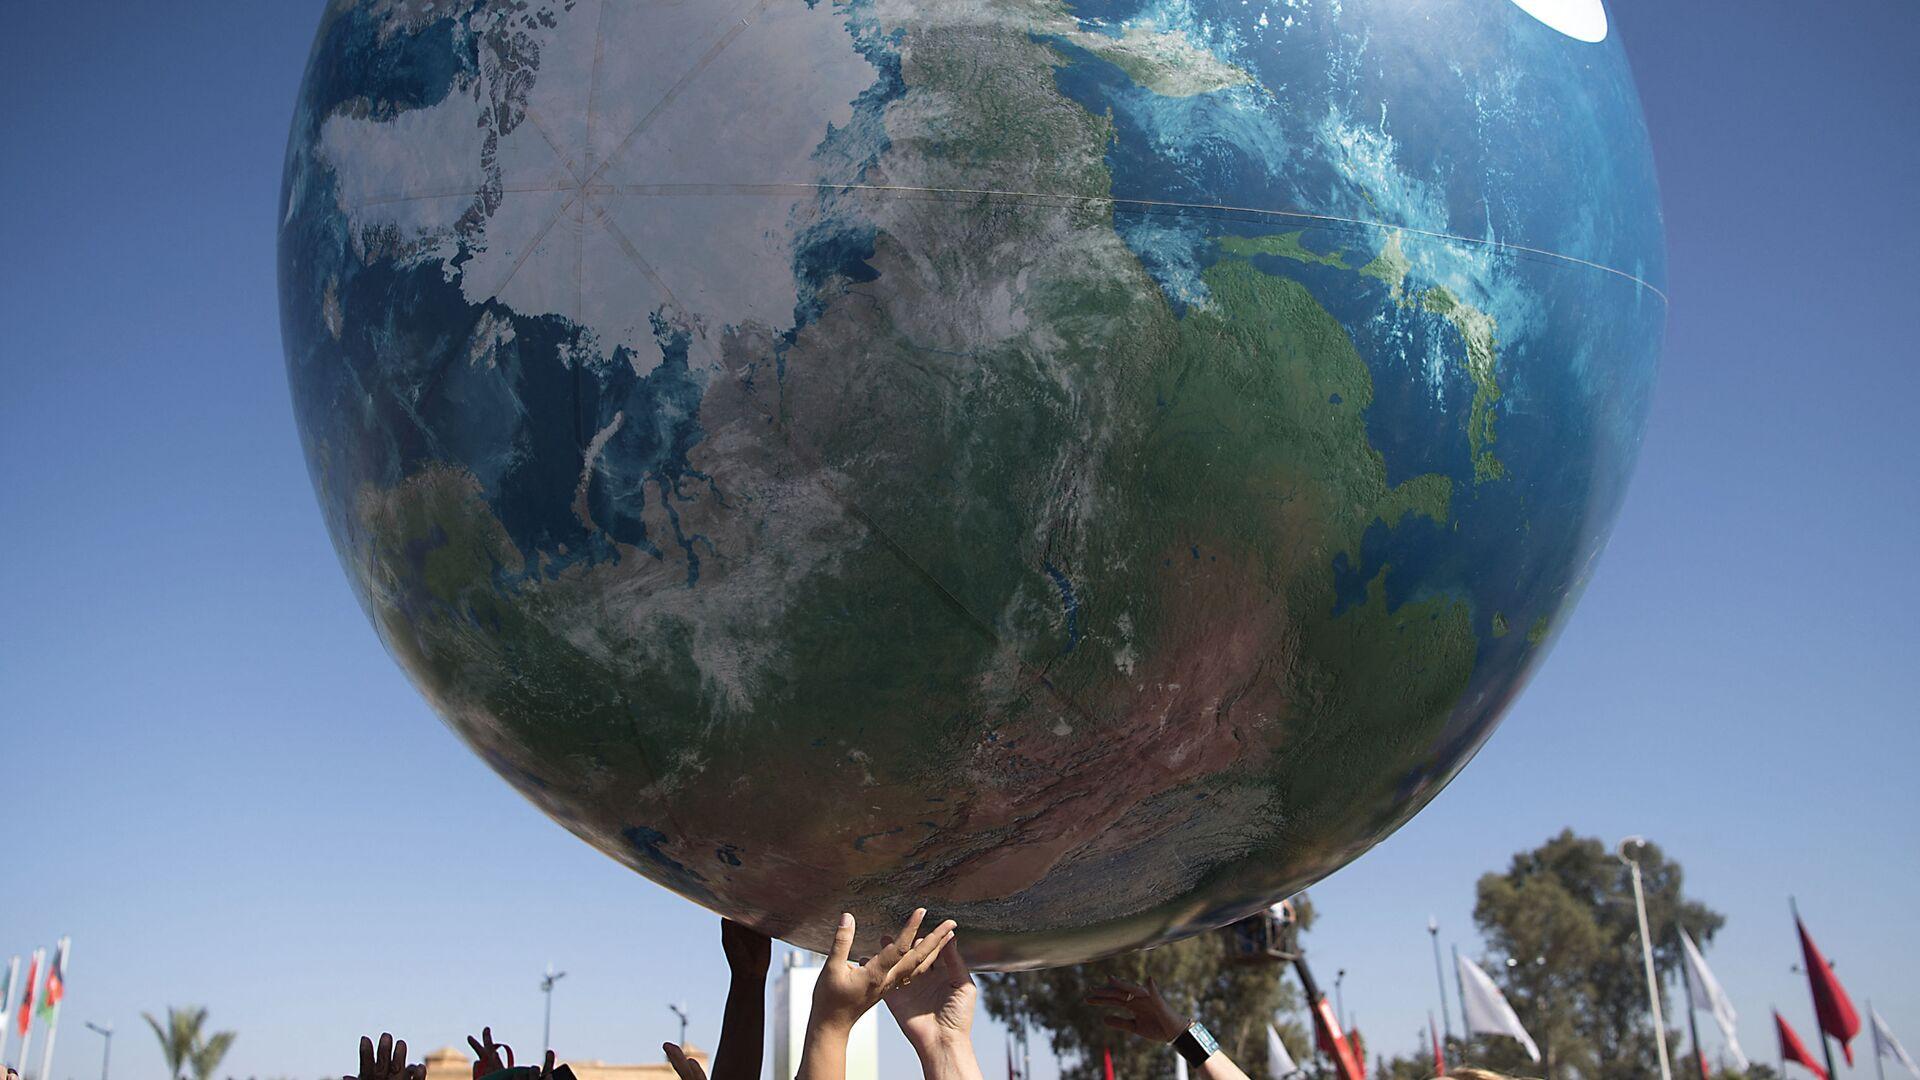 Члены всемирной конференции ООН по вопросам изменения климата с макетом Земли - Sputnik Латвия, 1920, 19.06.2021